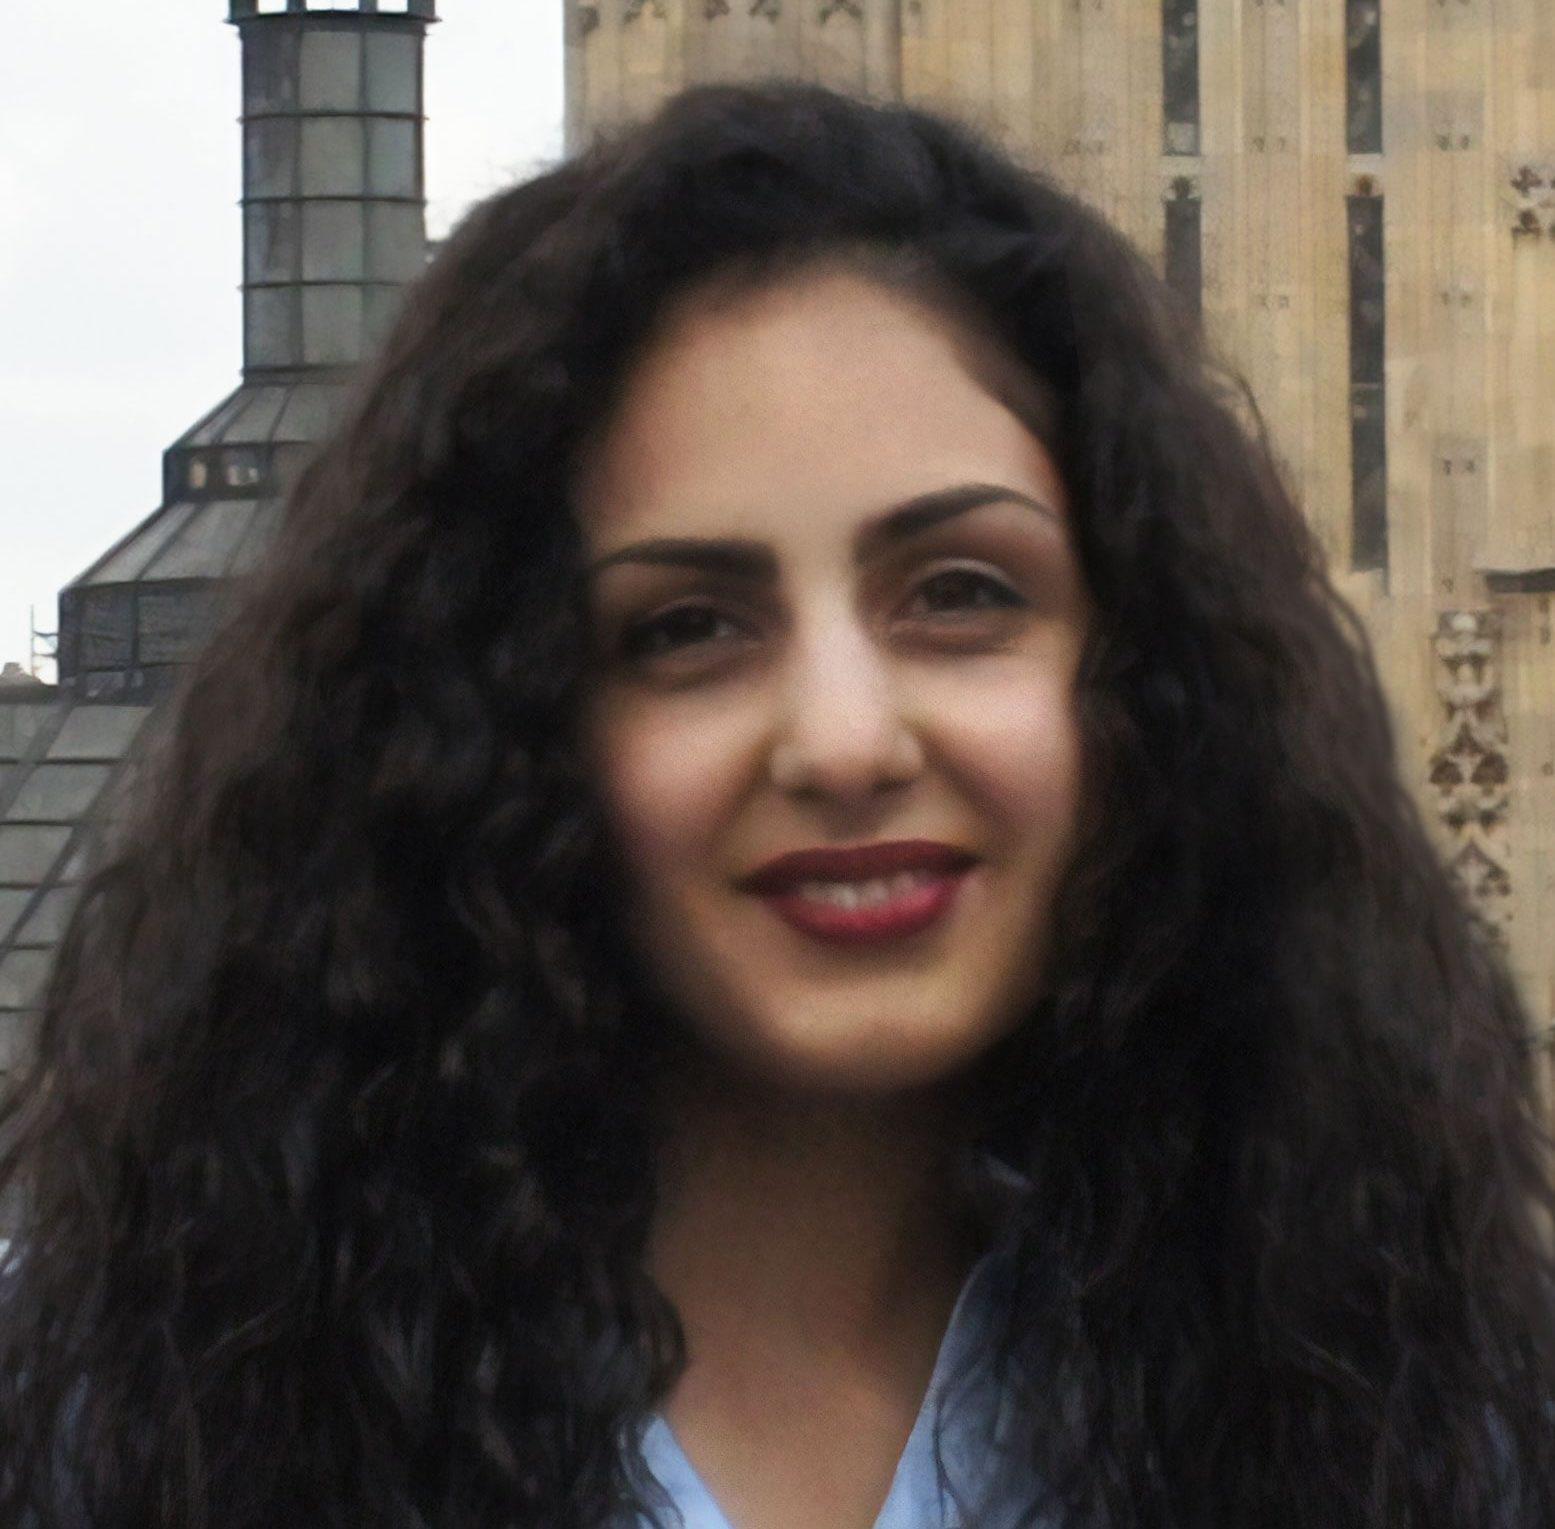 Elmira Bakhshalian